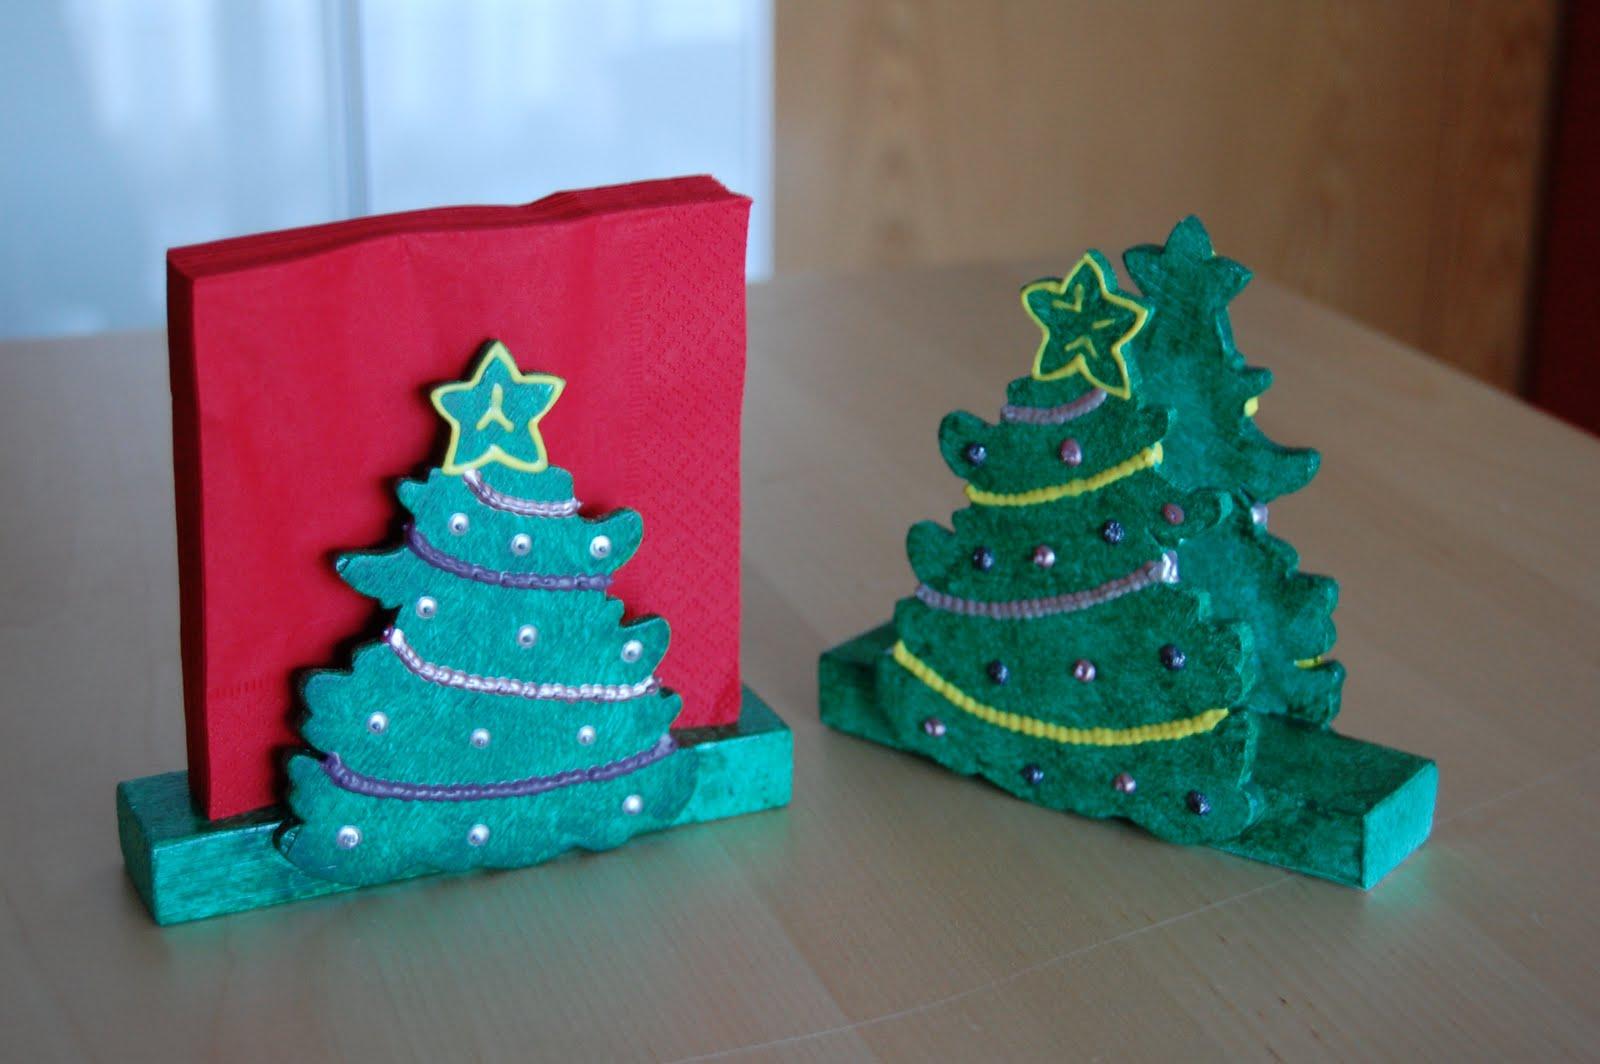 La vena creativa servilleteros para navidad - Como hacer cosas para navidad ...